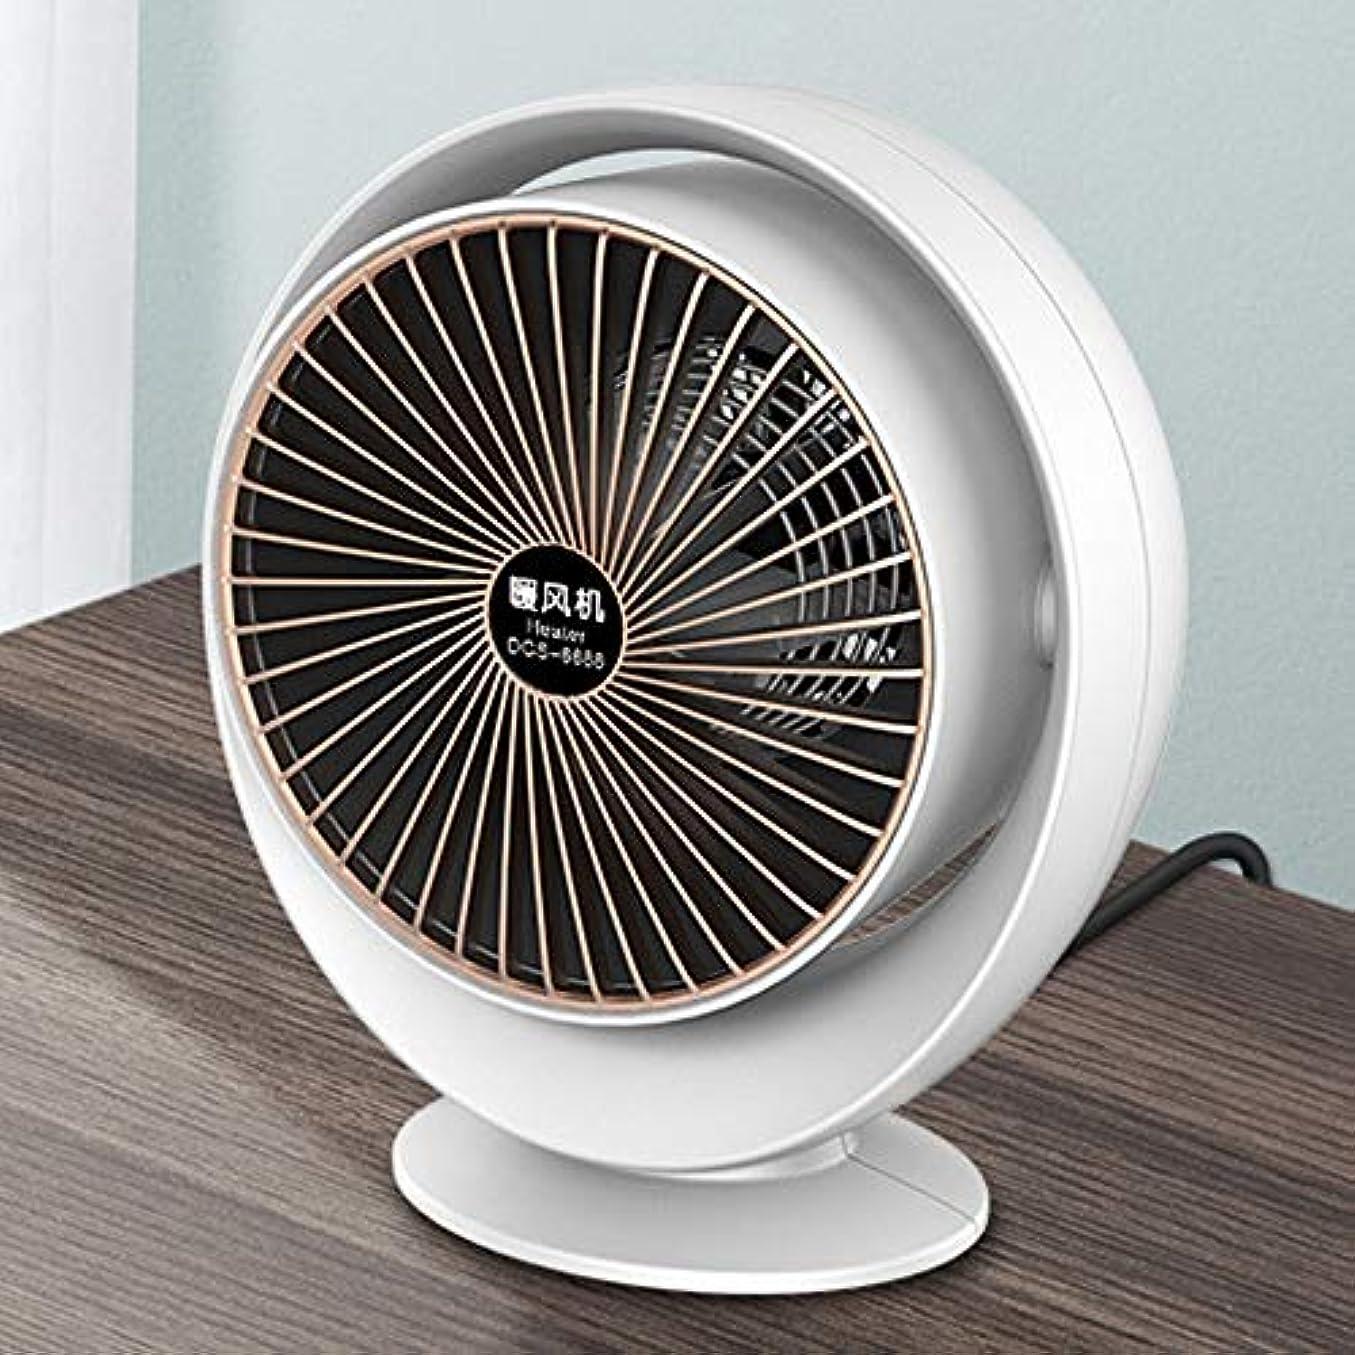 チート変形取り囲む高速加熱ヒーター、上下調整可能/難燃性素材/静音動作/ダンプ自動電源オフおよびデュアル温度制御保護,白